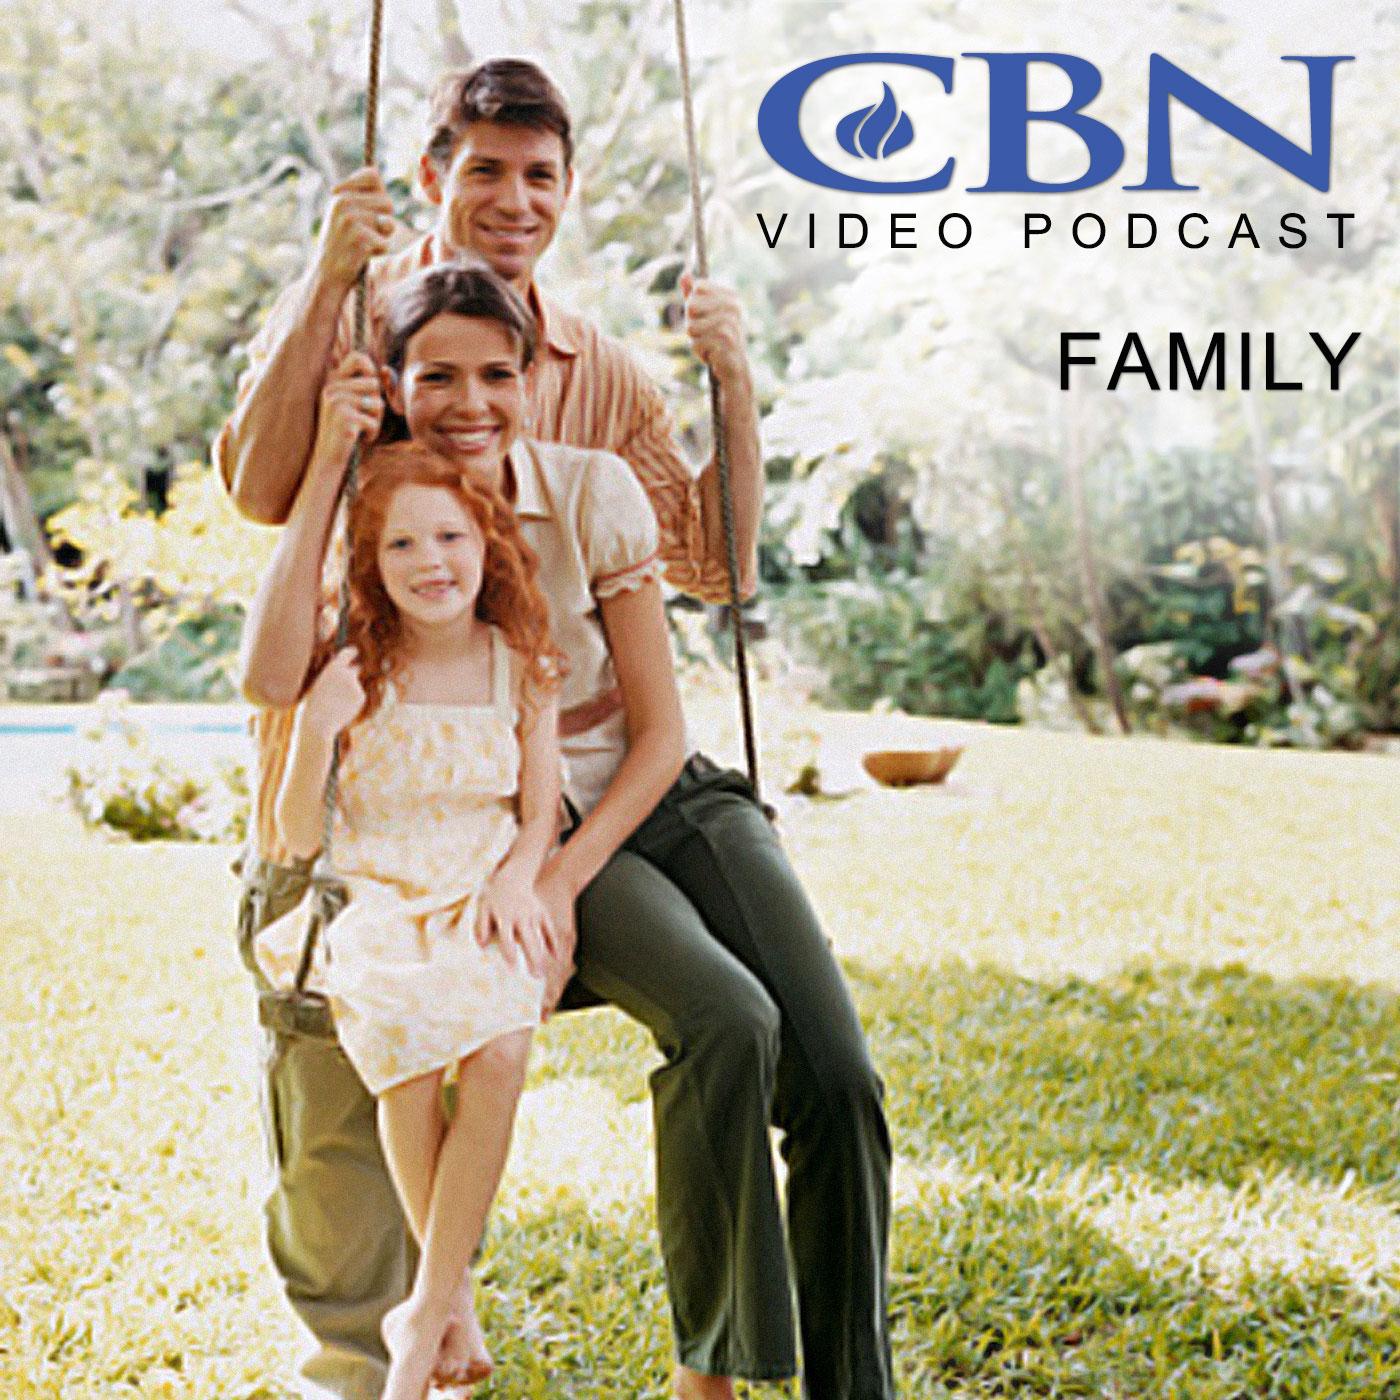 <![CDATA[CBN.com - Family - Video Podcast]]>